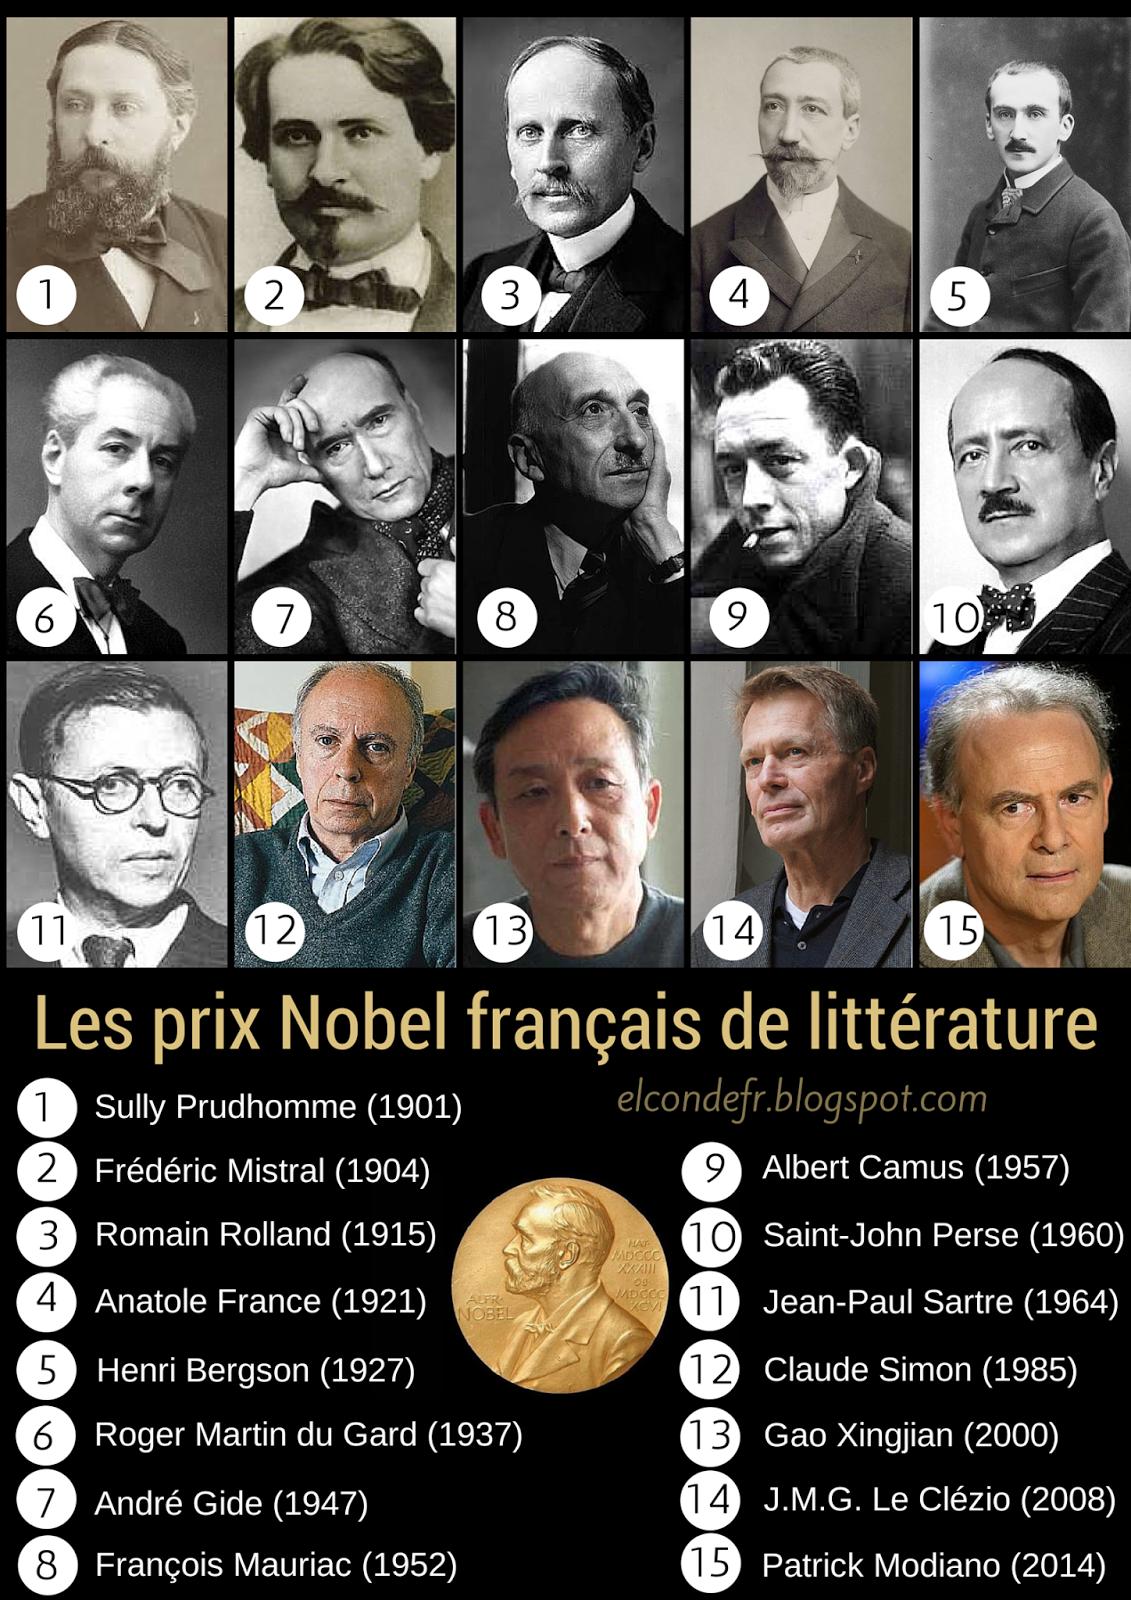 Manque de diversité des nobels français